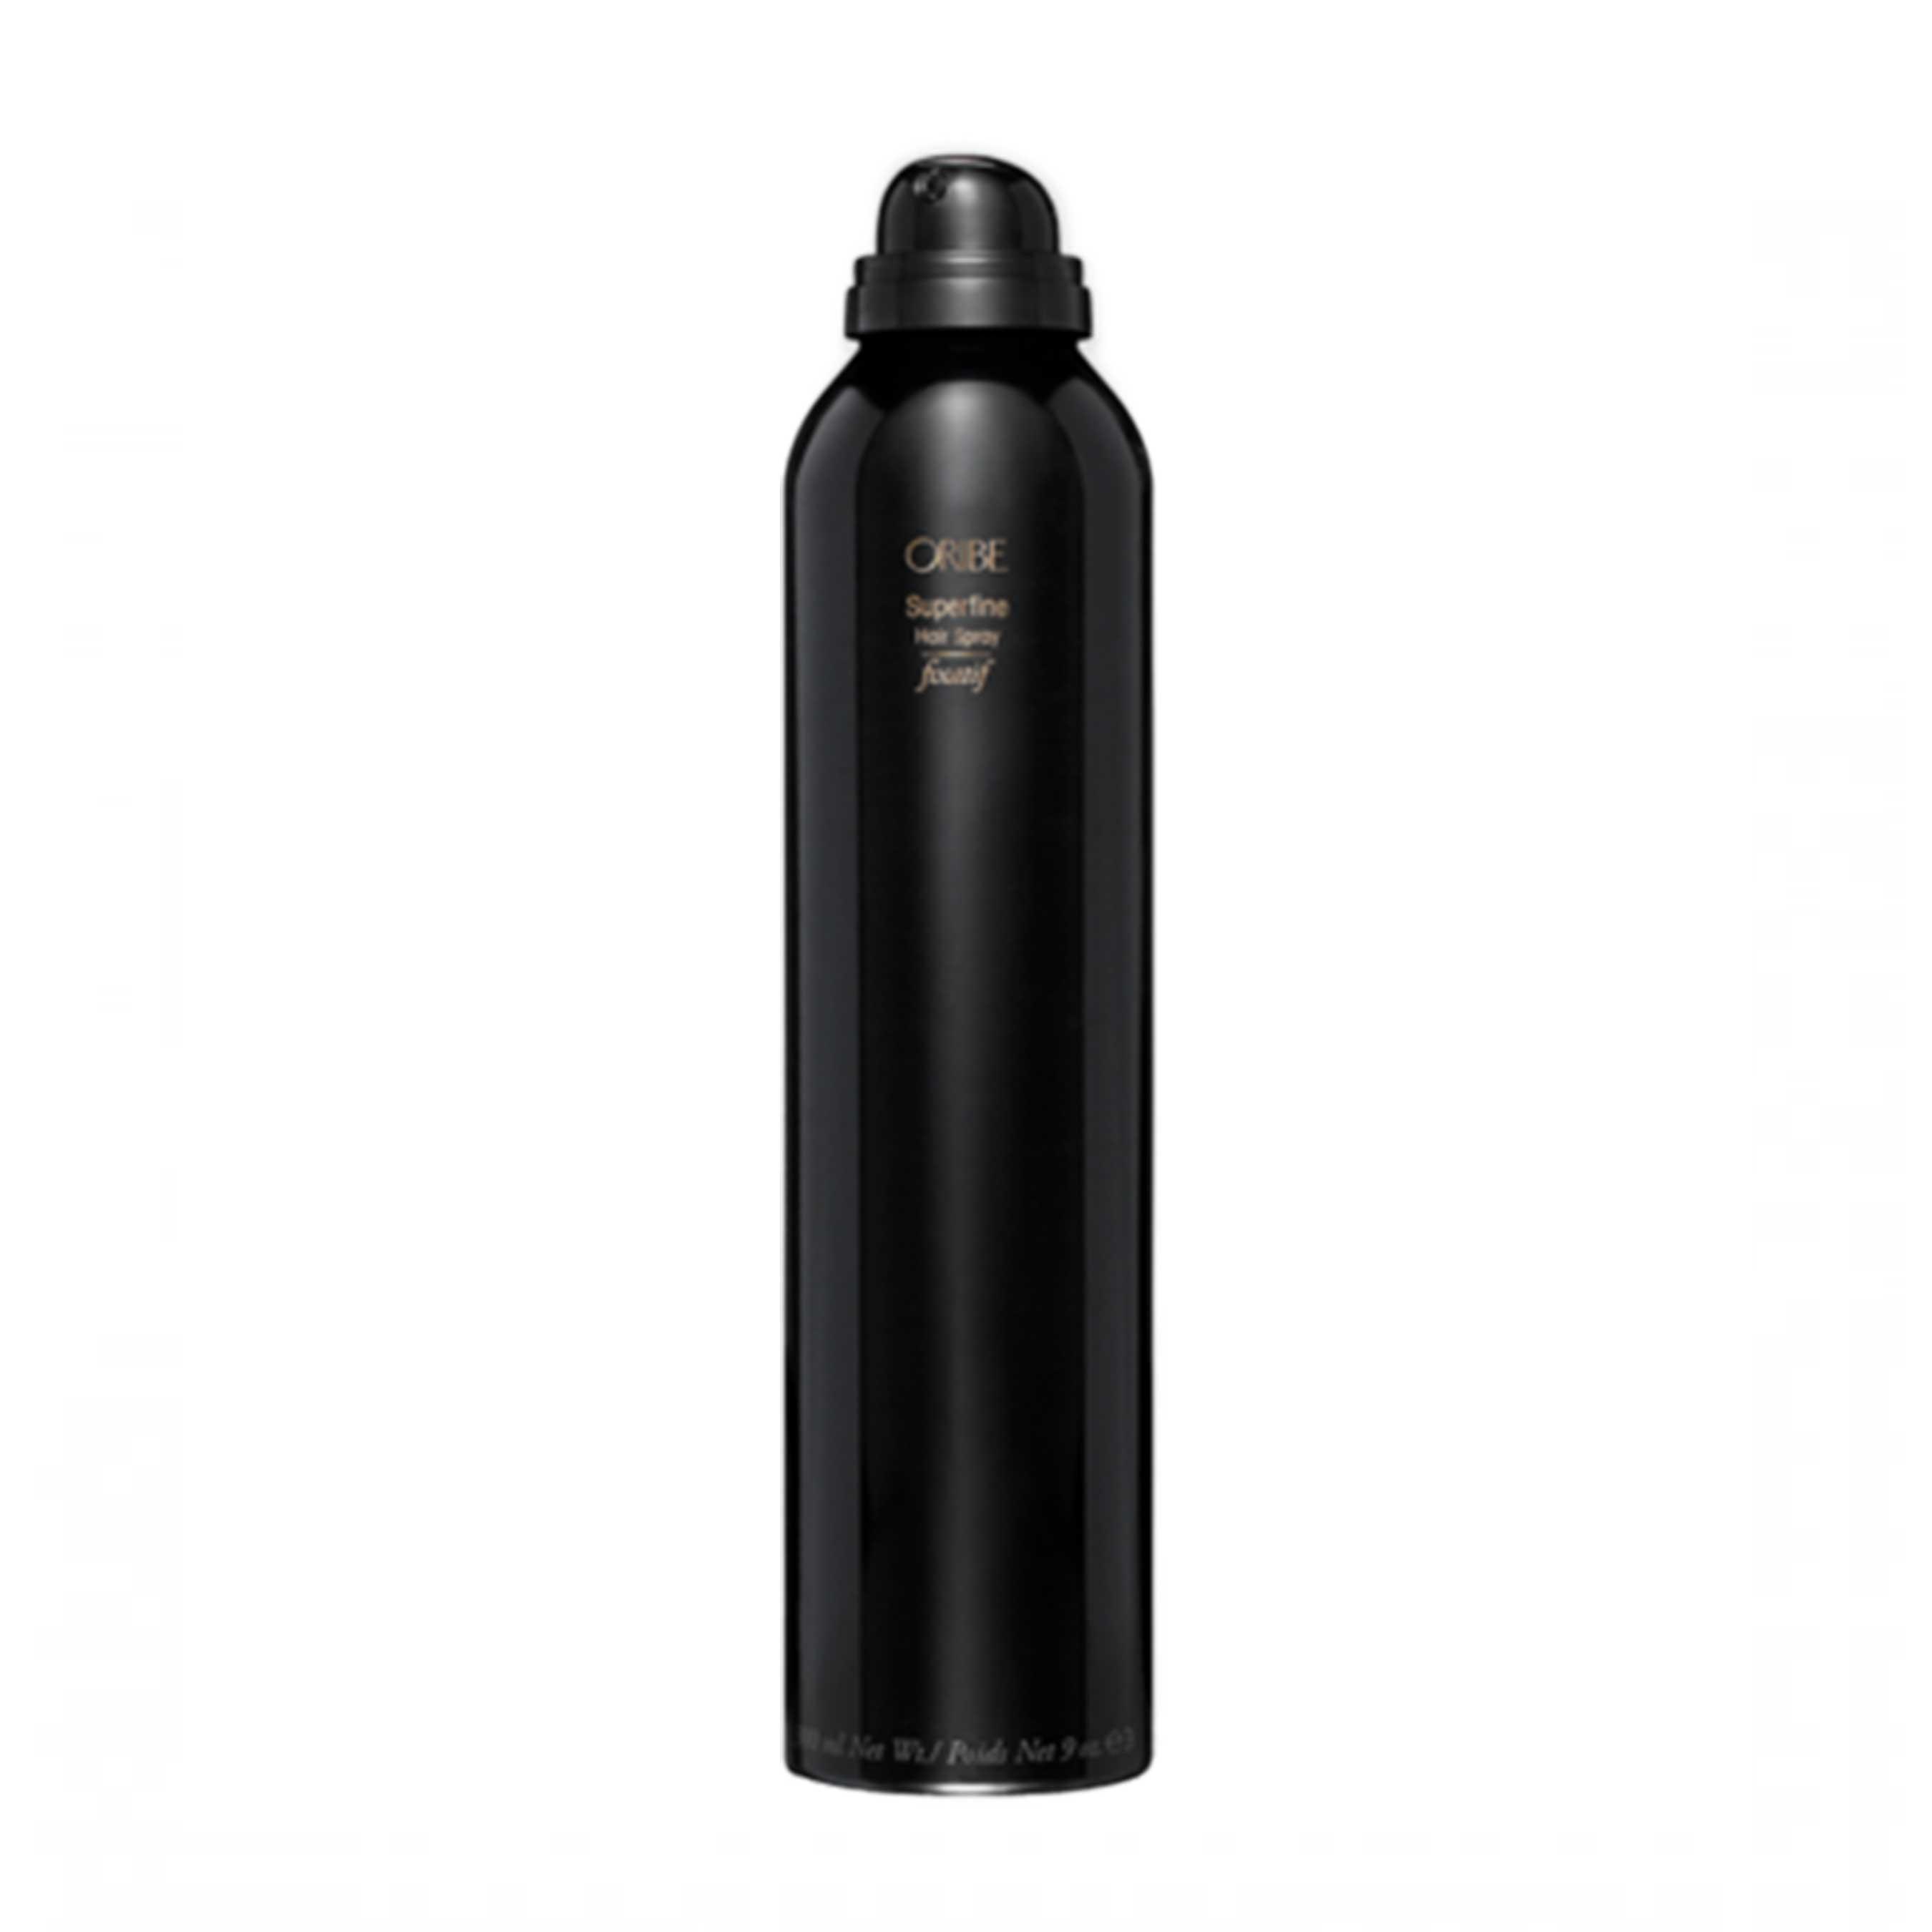 Oribe Superfine Spray